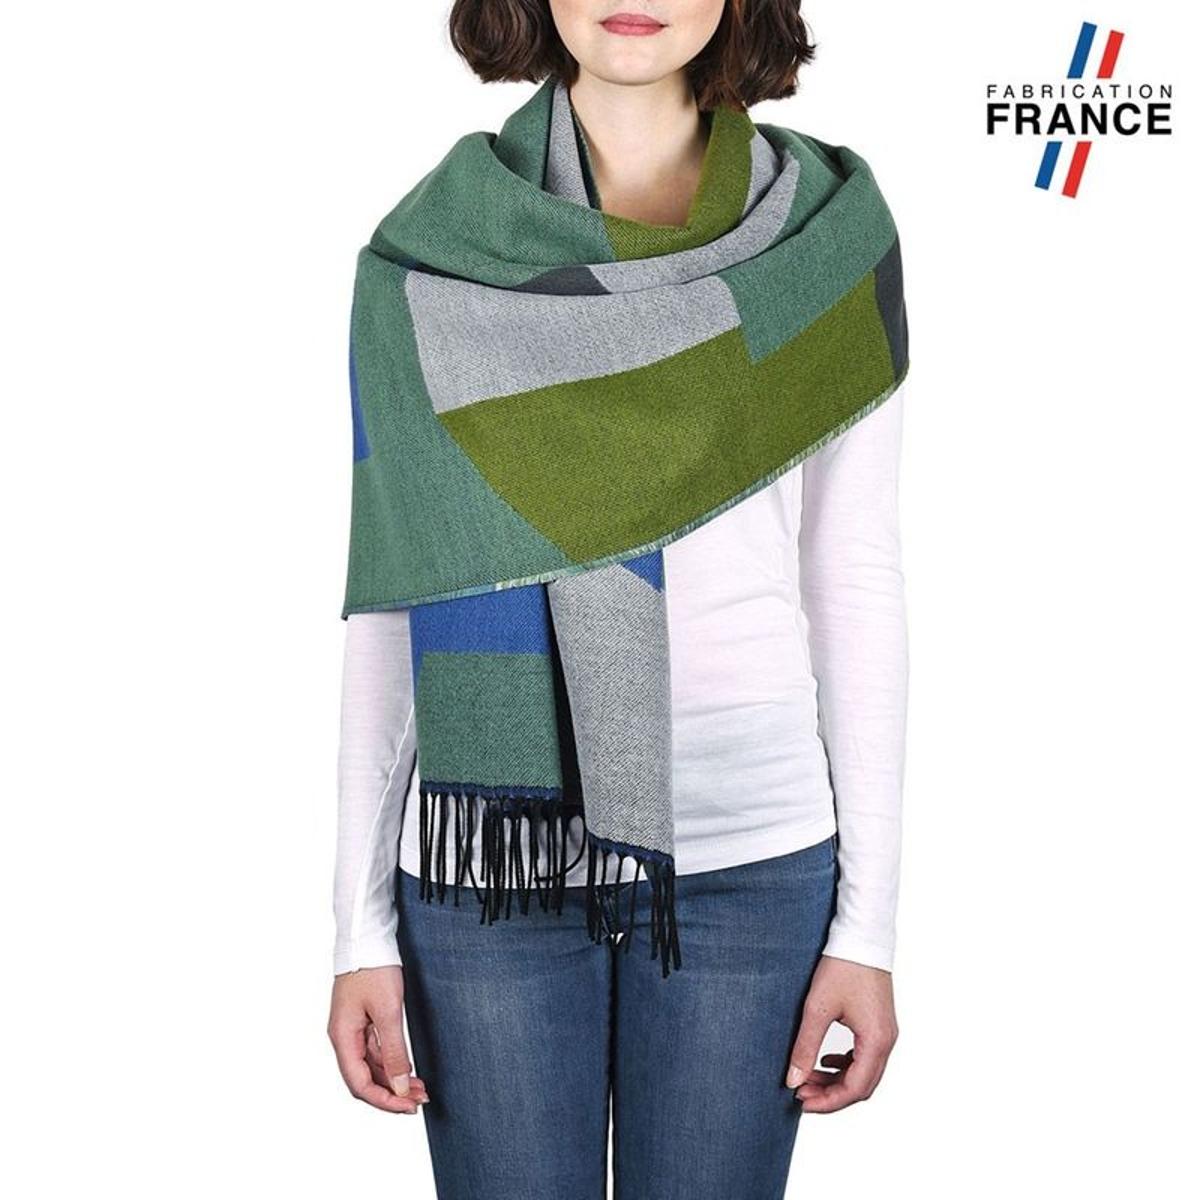 Châle patchwork WELA - Fabriqué en France